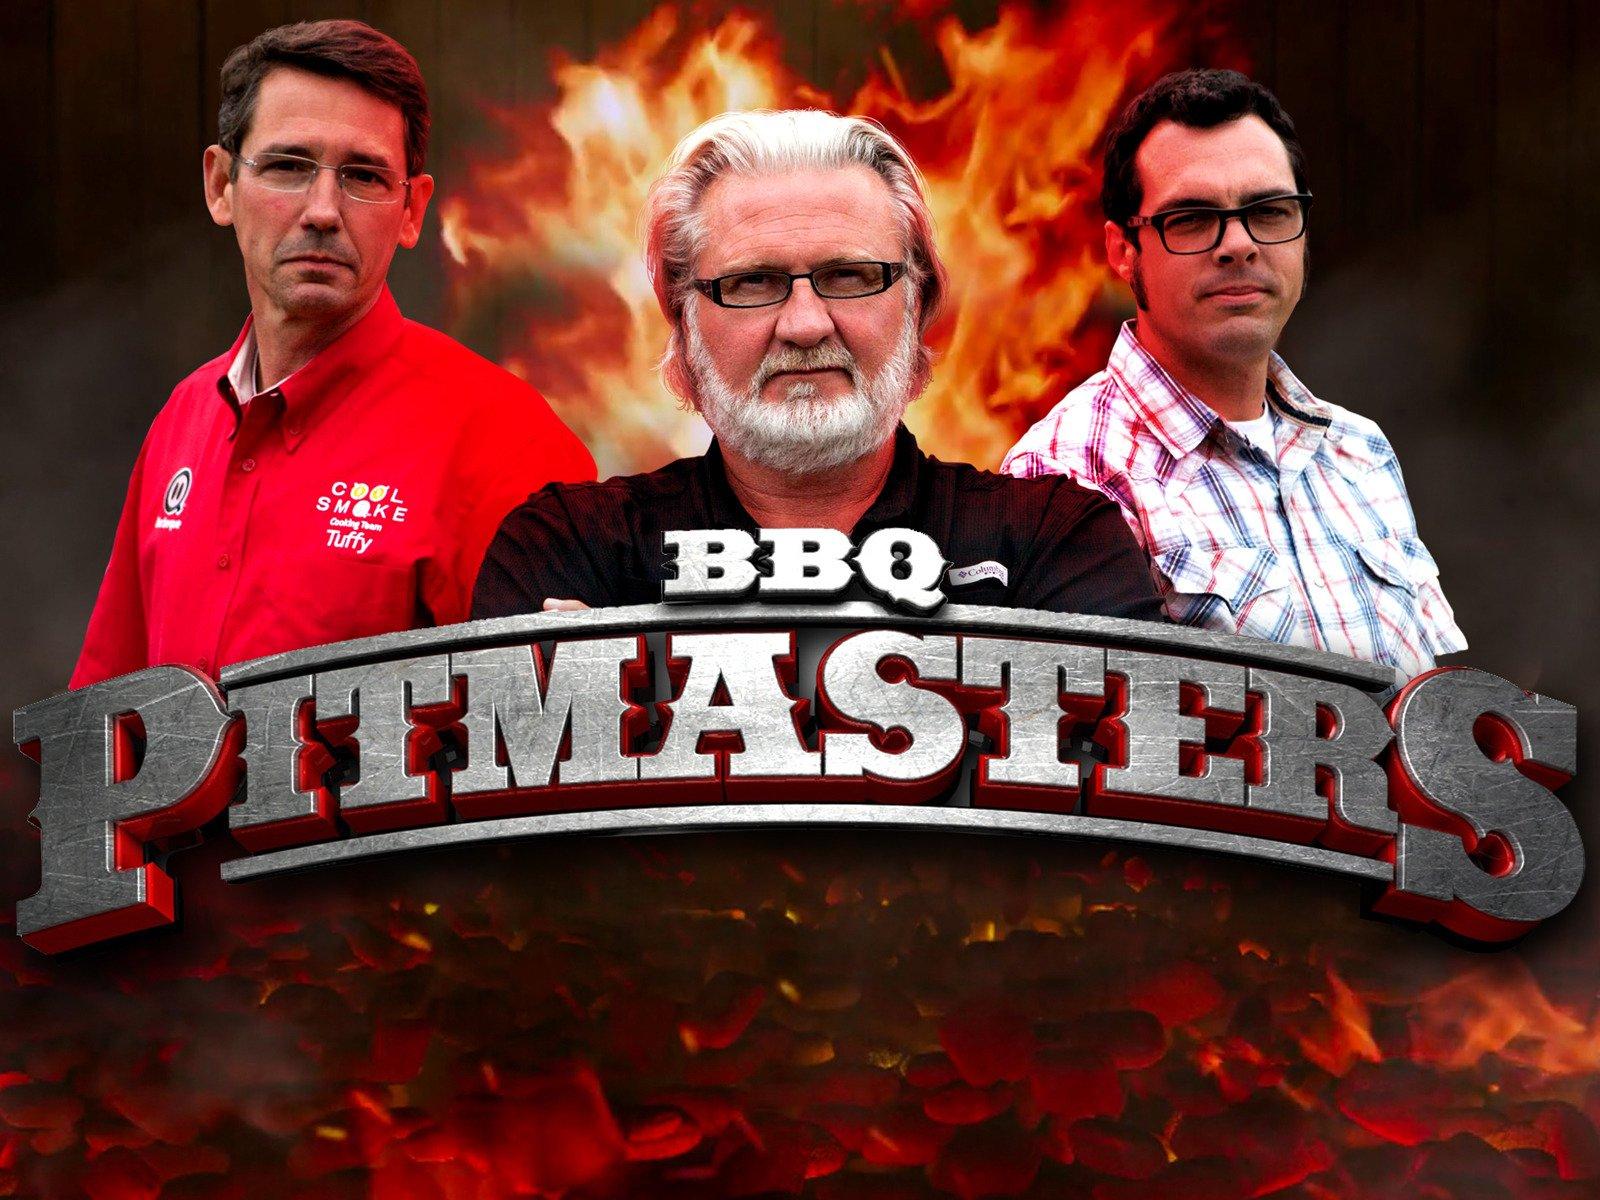 BBQ Pitmasters - Season 3